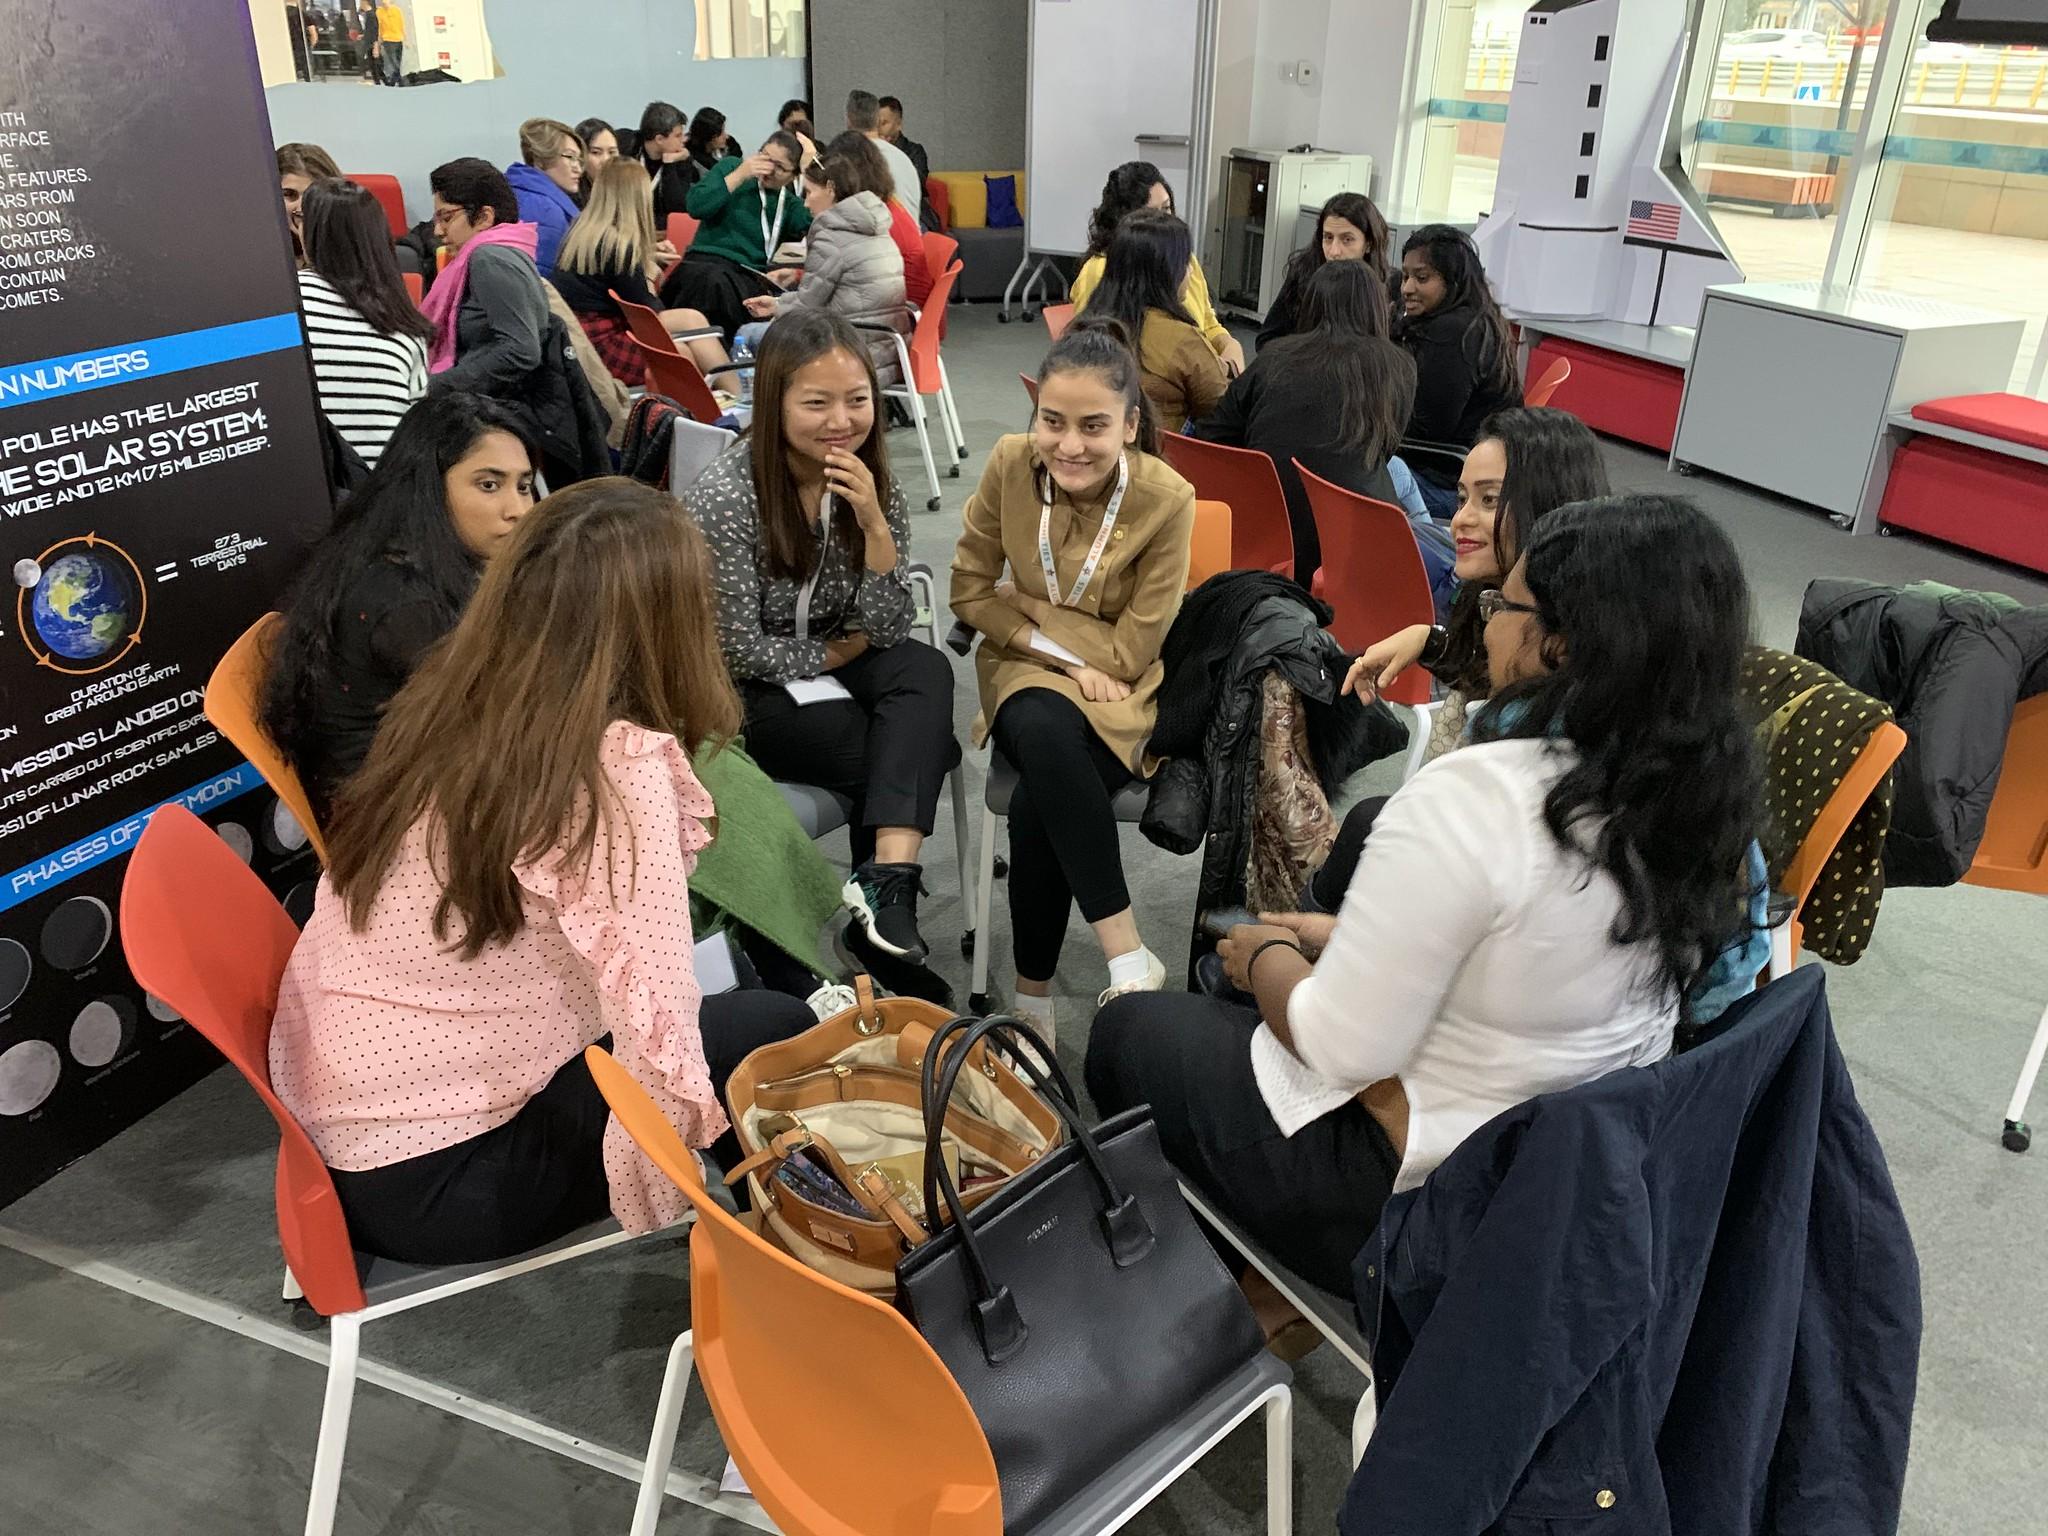 Alumni TIES participants